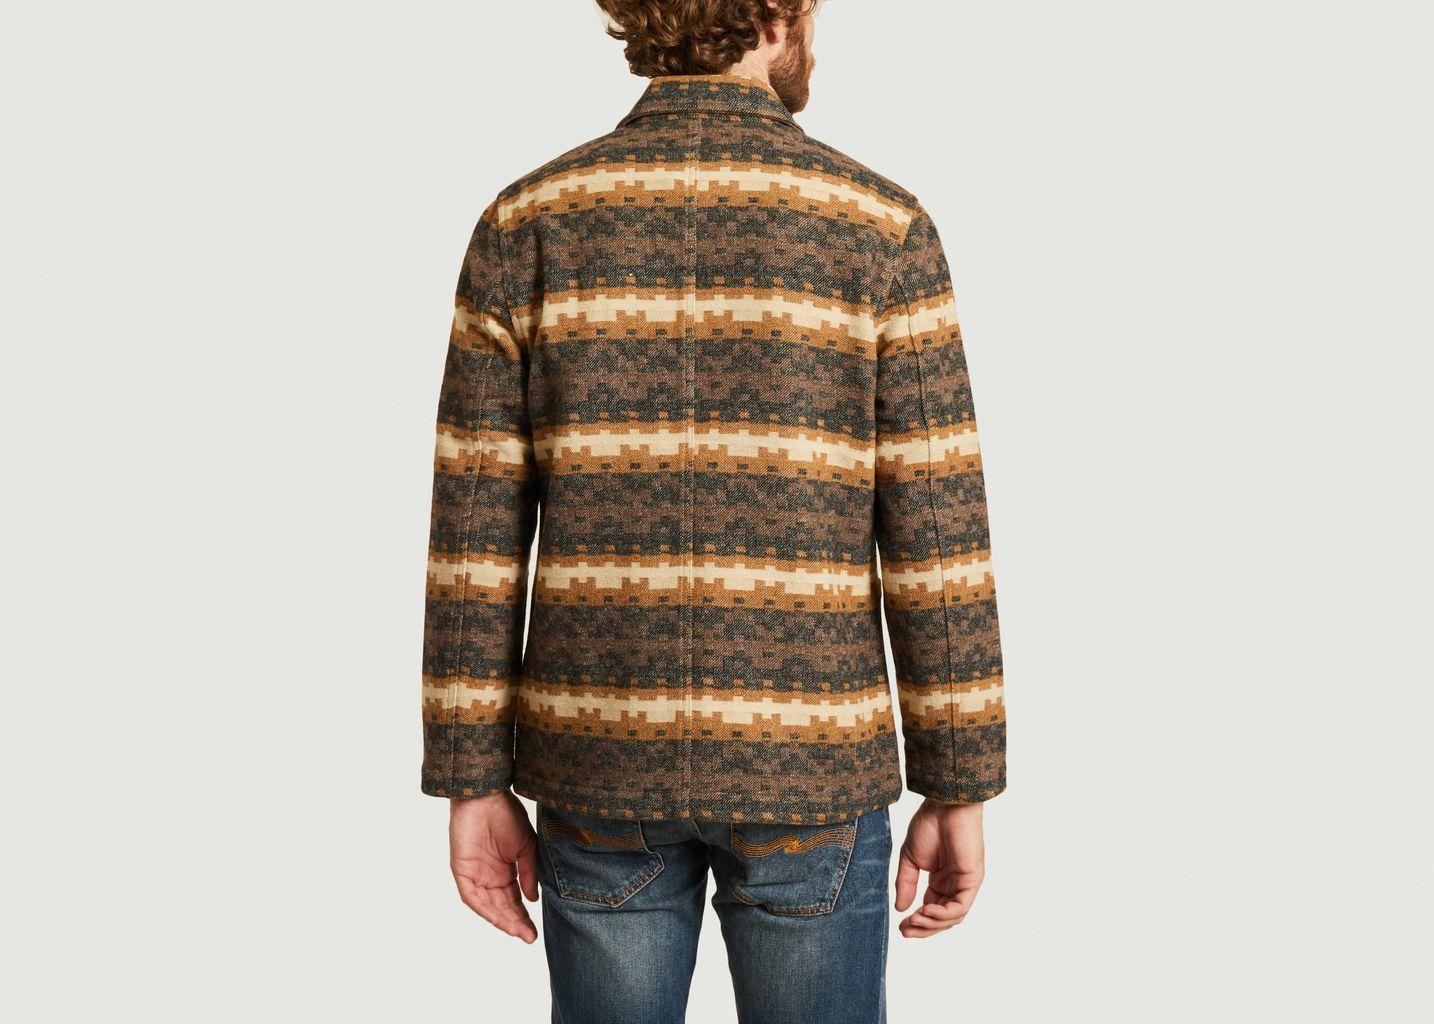 Veste en lainage à motif Bakers Chore Urban Mex - Universal Works